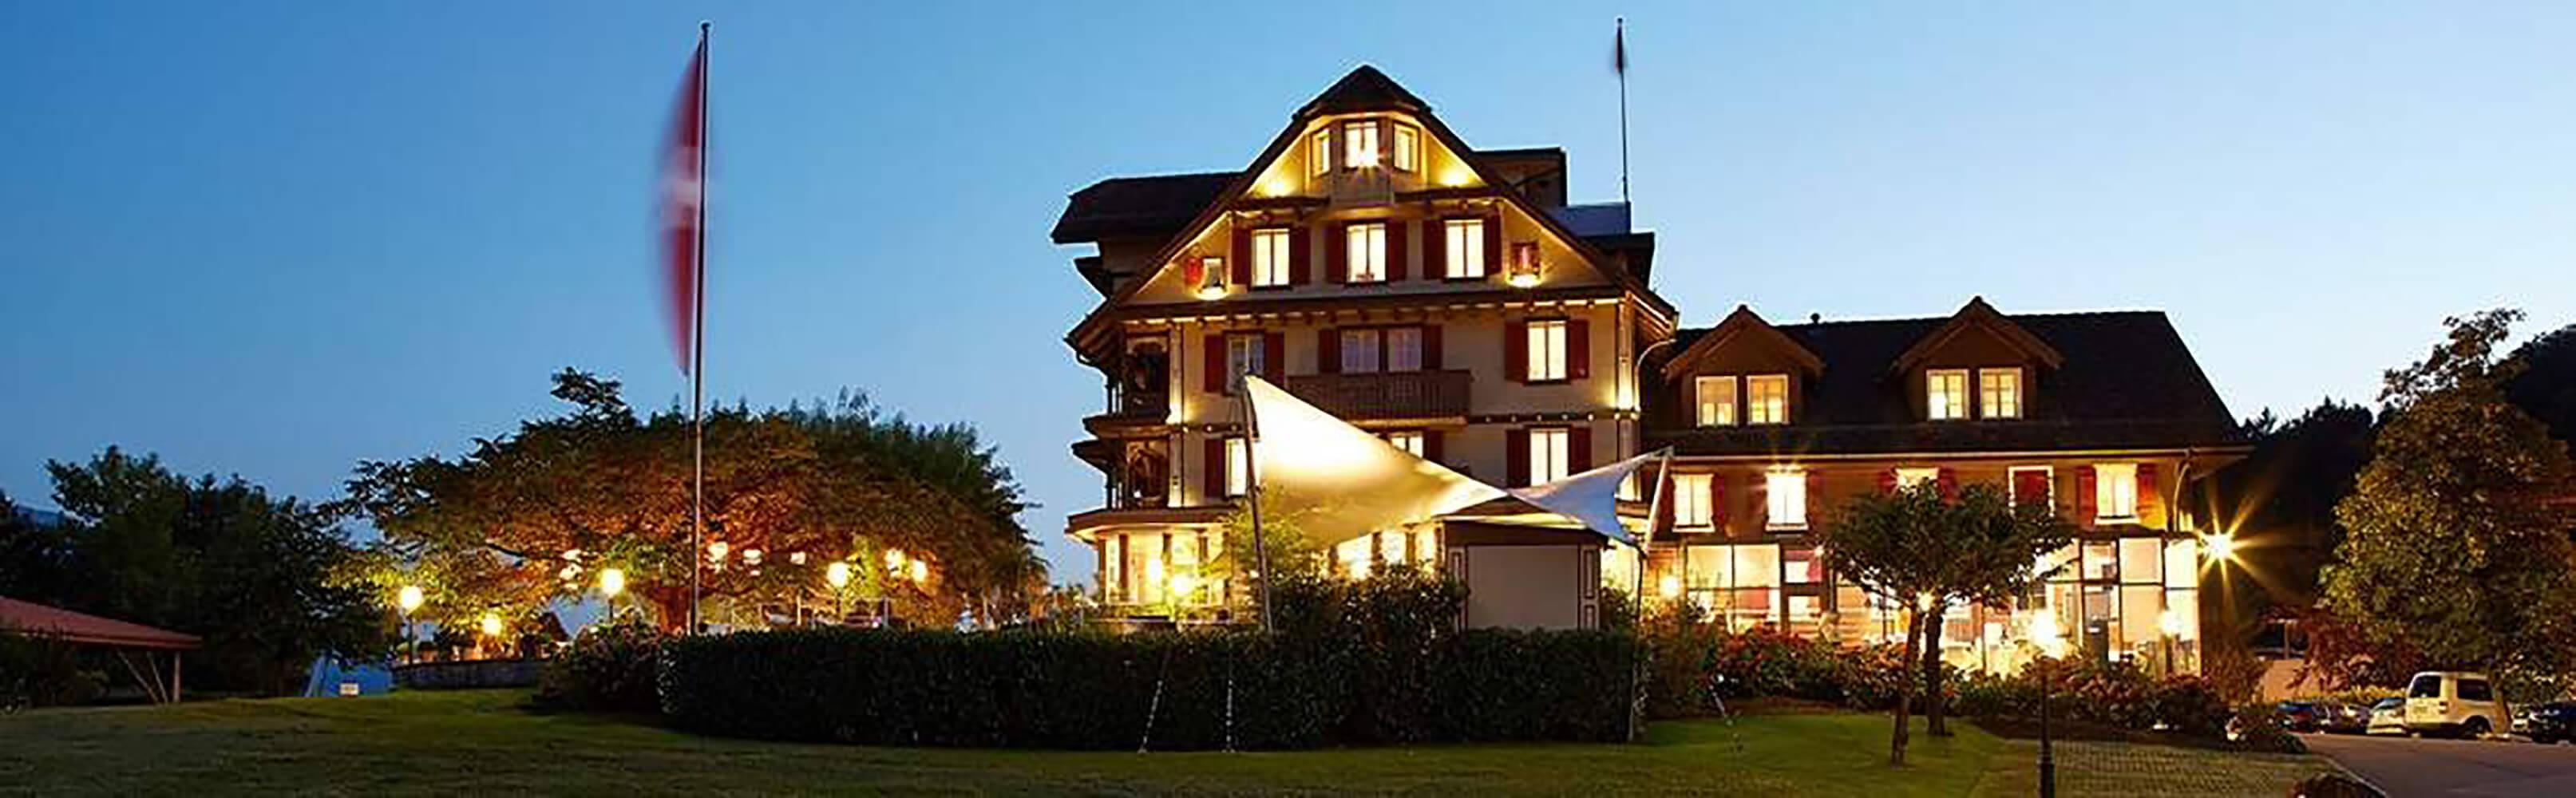 Hotel Waldheim Risch am Zugersee 1